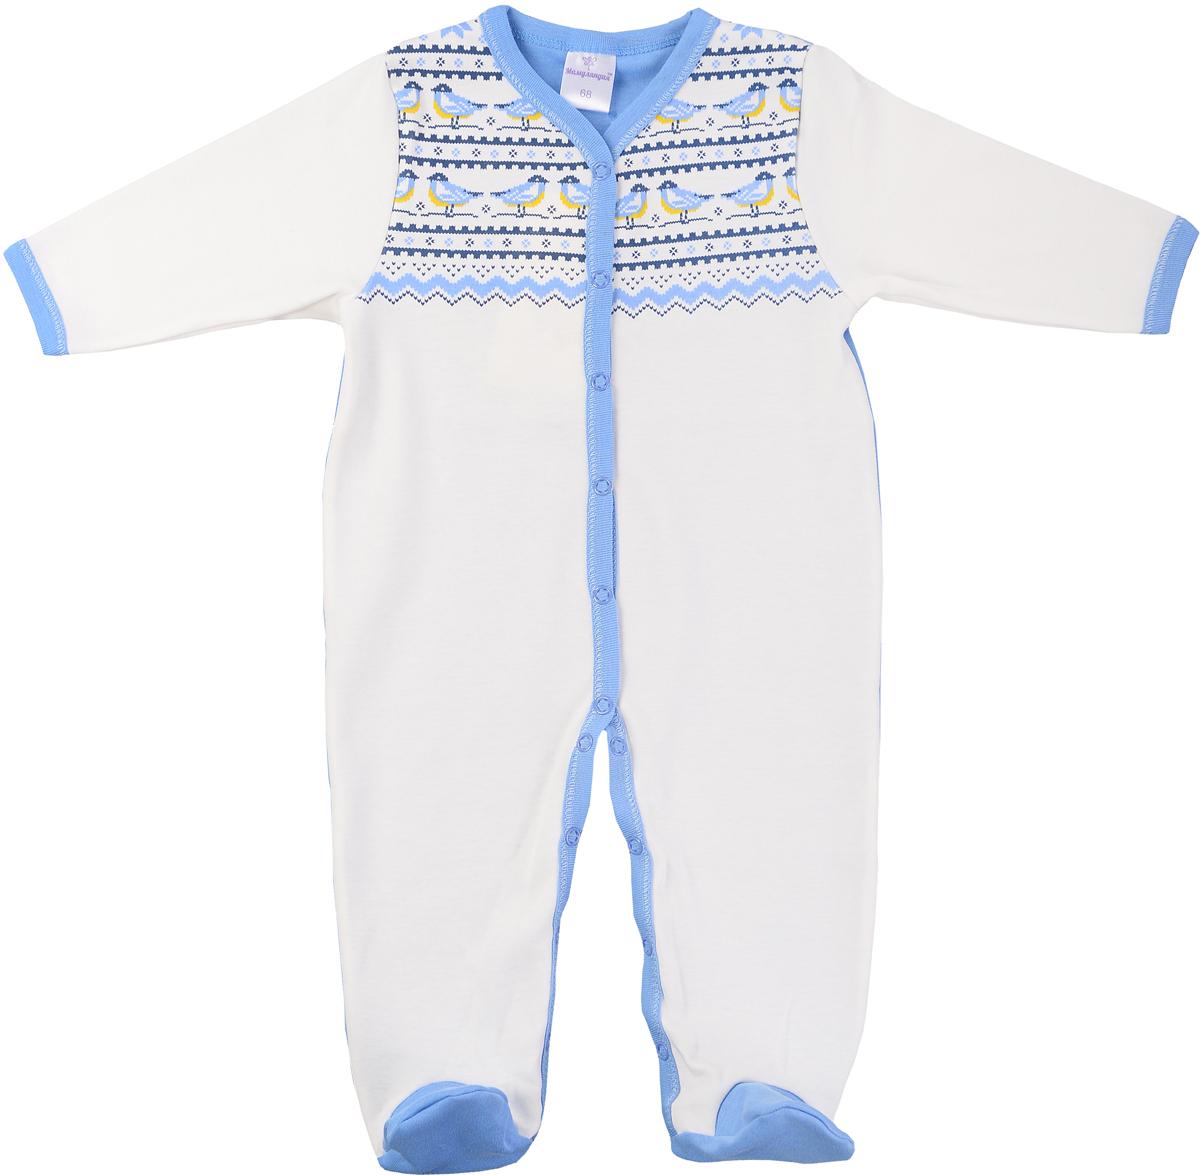 Комбинезон домашний детский Мамуляндия Зимняя, цвет: молочный, голубой. 17-502. Размер 7417-502Комбинезон детский выполнен из натурального хлопка. Модель с длинными рукавами и V-образным вырезом горловины застегивается на кнопки.